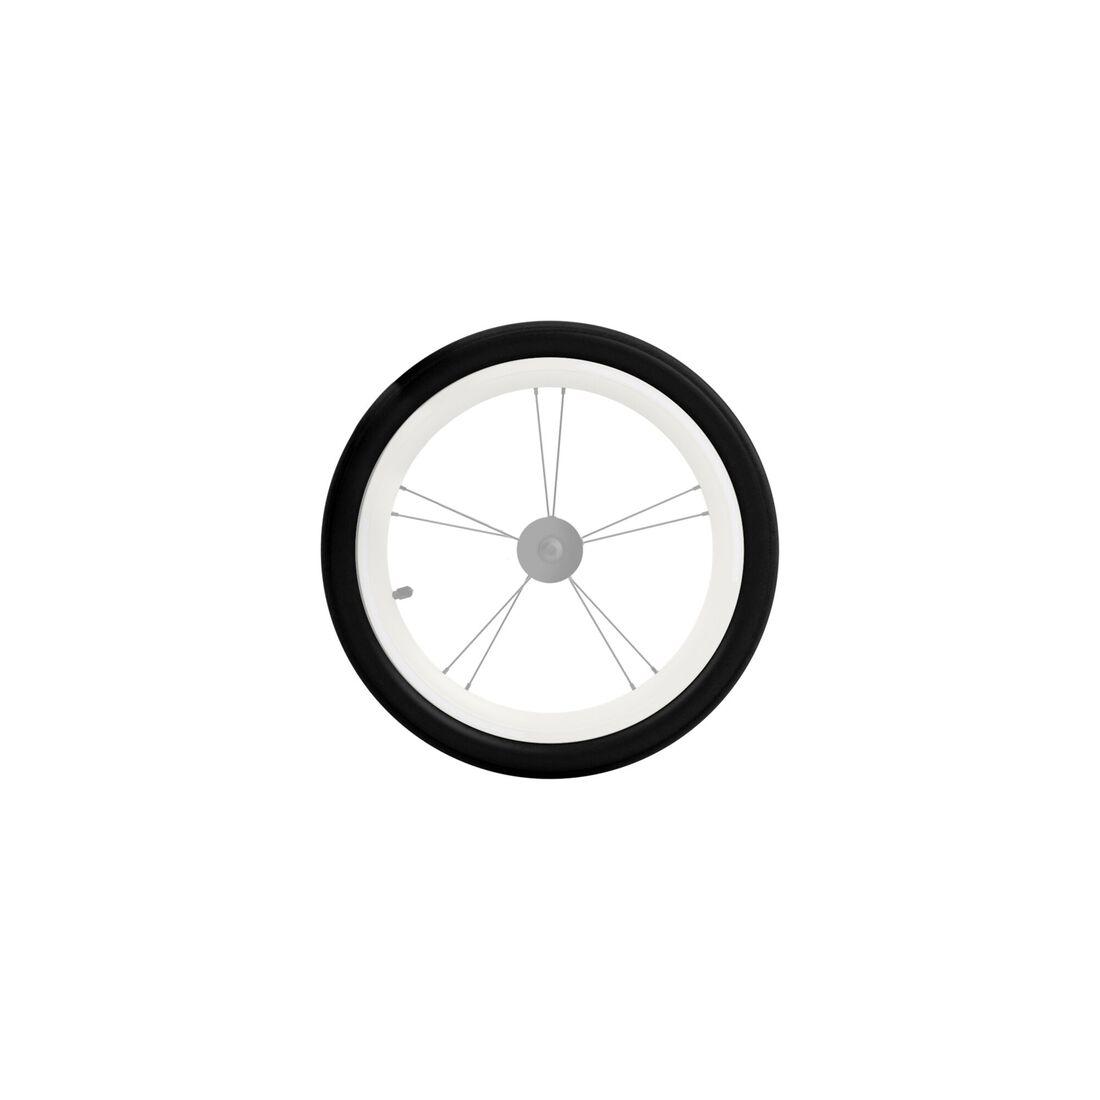 CYBEX Zeno/Avi Vorderradreifen und Schlauch - Black in Black large Bild 1